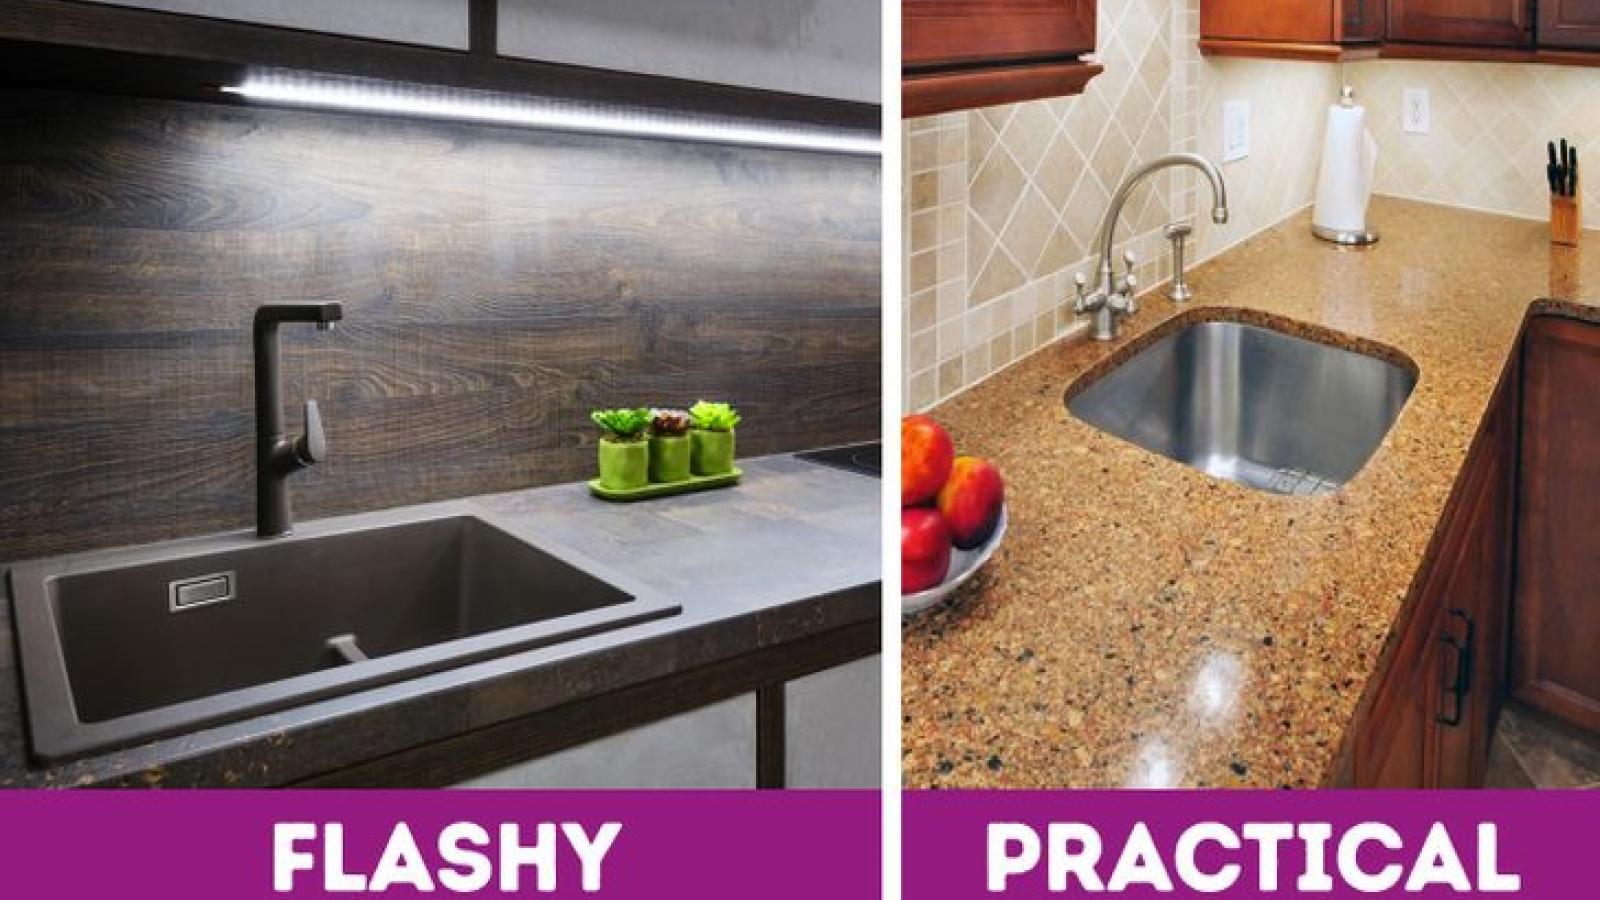 Hãy cân nhắc trước khi bỏ hầu bao mua những món nội thất sau!